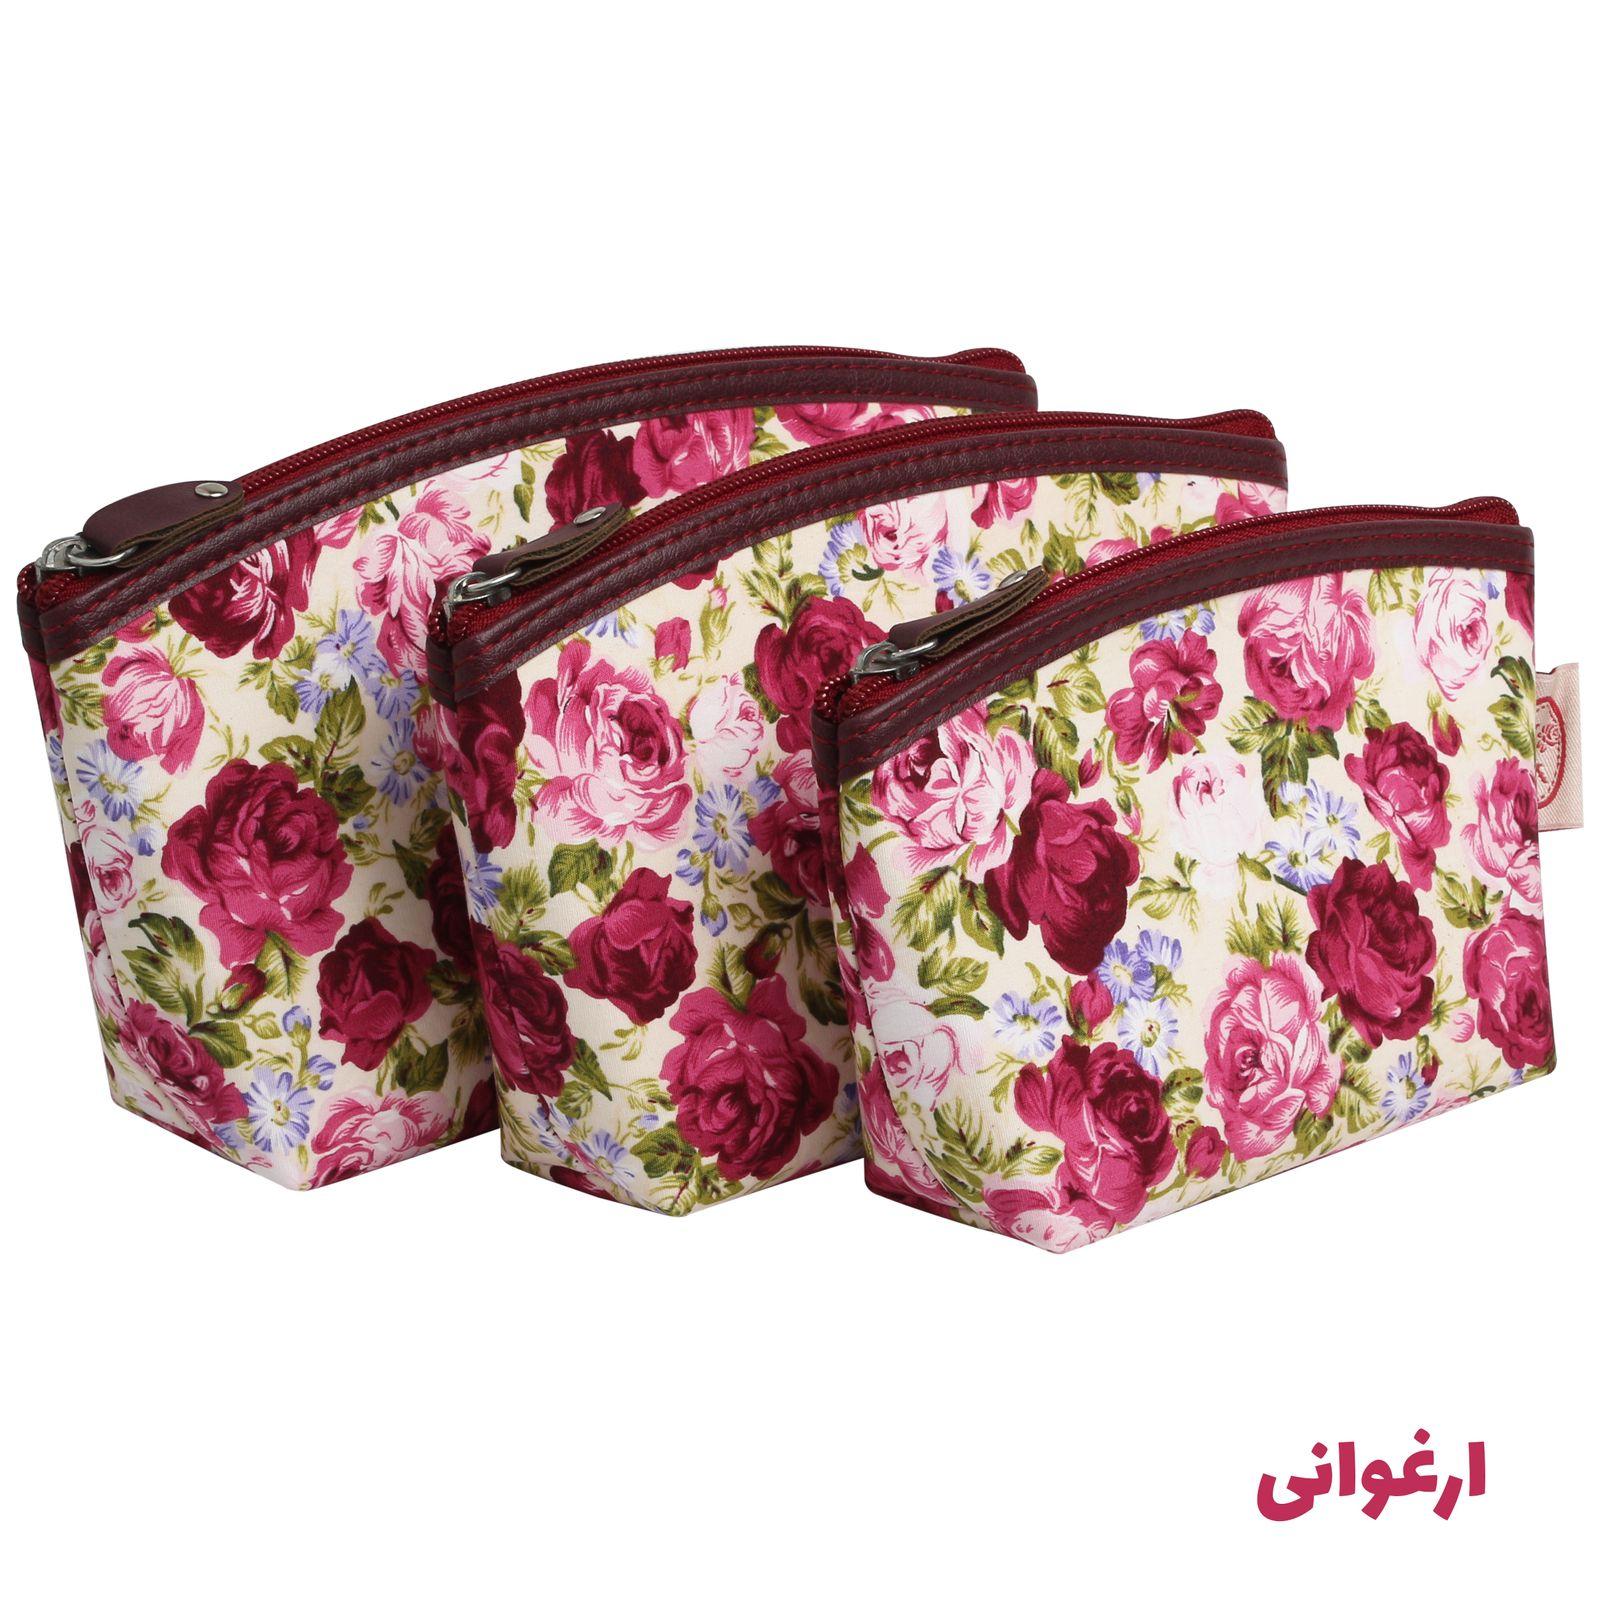 کیف لوازم آرایش زنانه سیب کد 15-Bgf مجموعه 3 عددی -  - 6